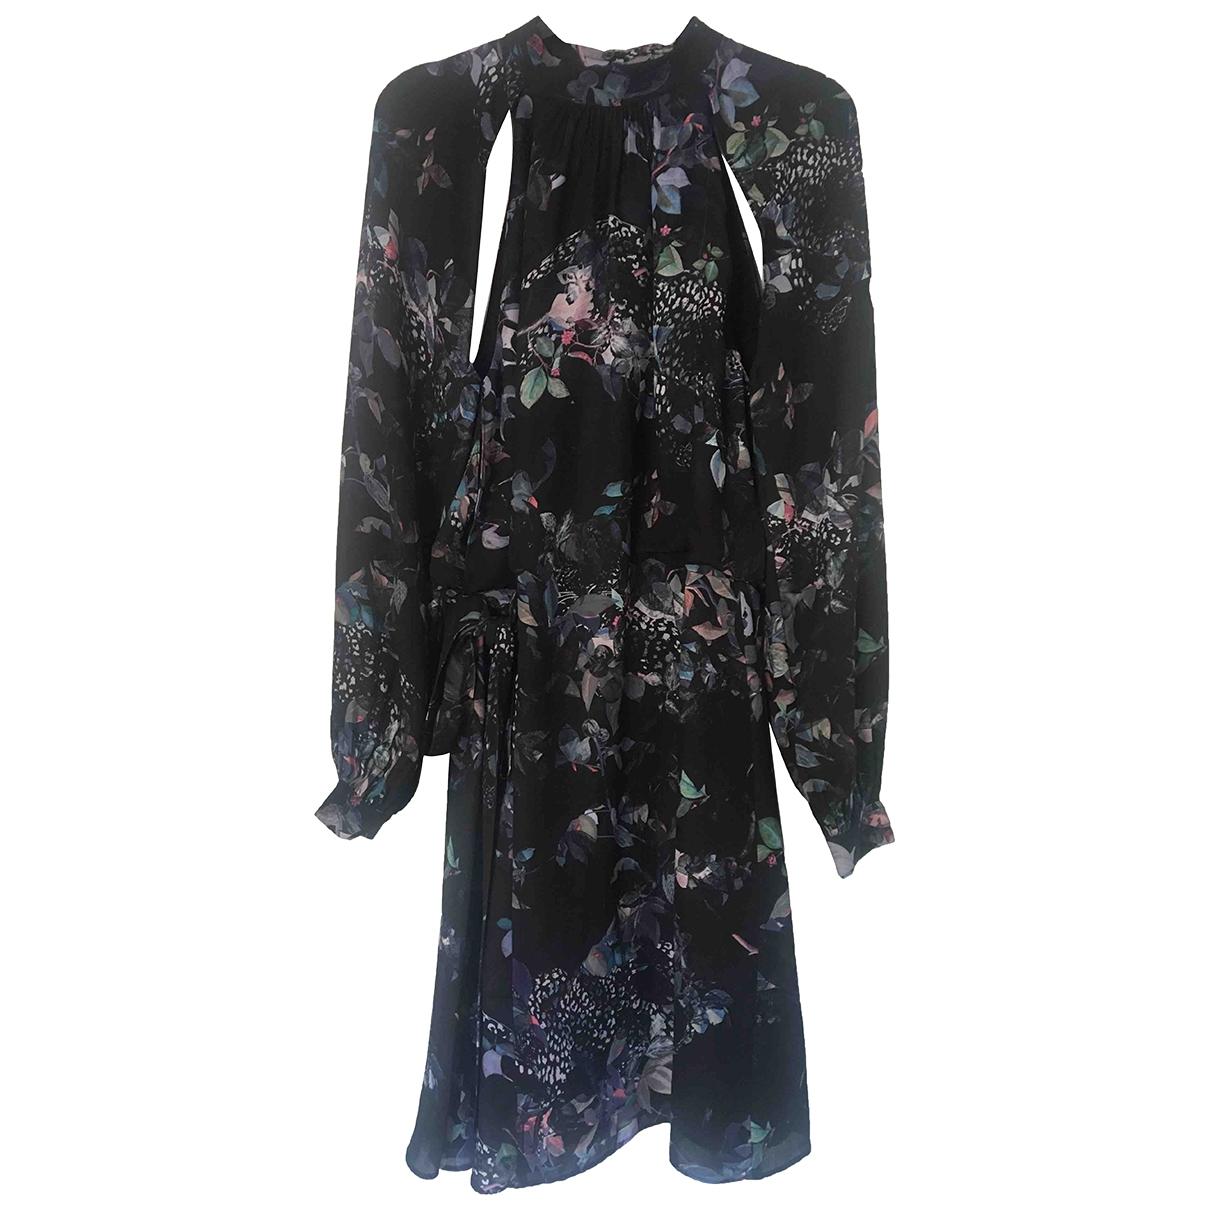 Reiss \N Black dress for Women 10 UK